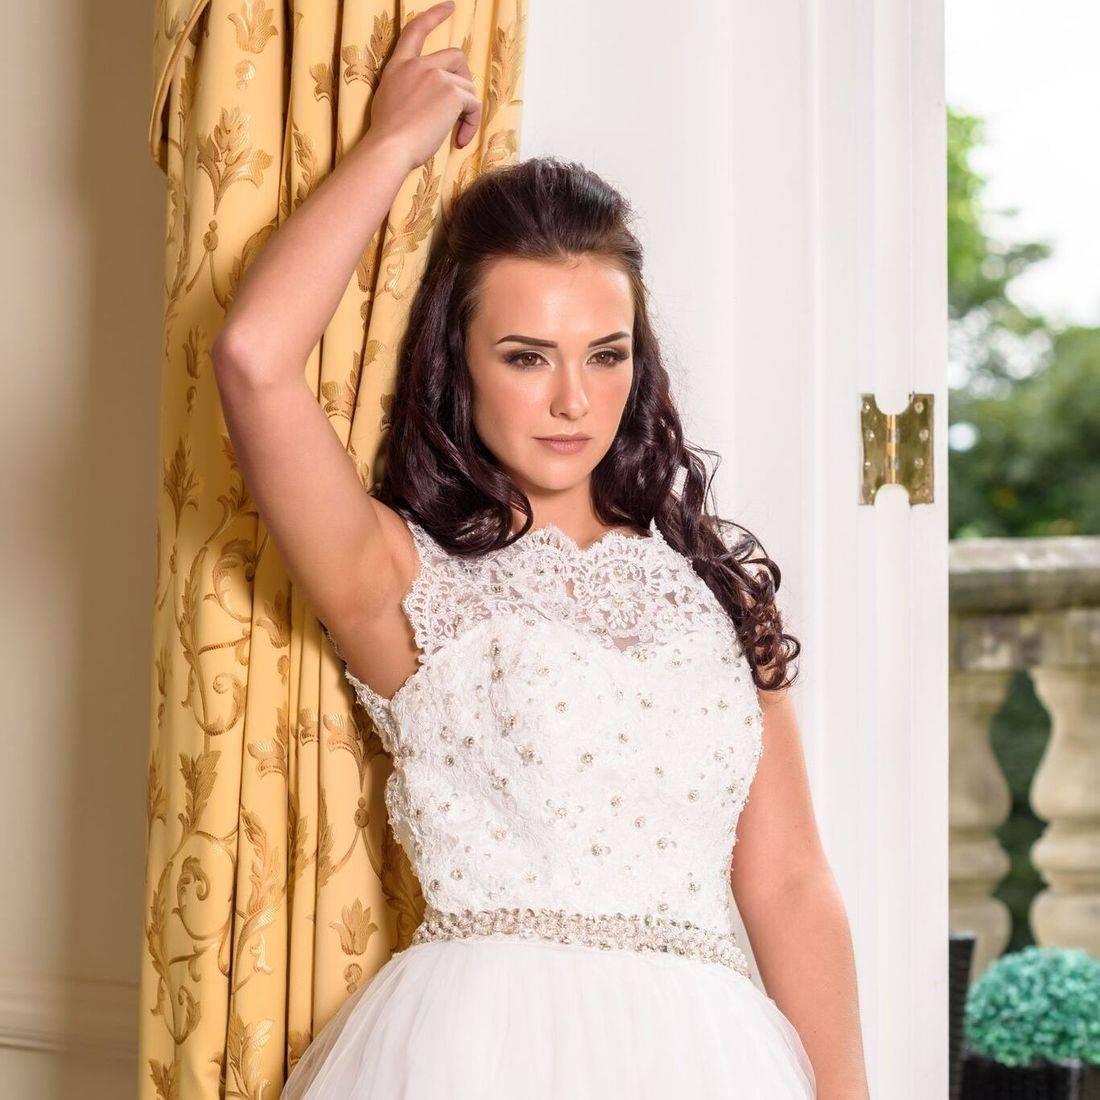 ball gown wedding dresses, high neck wedding dress, sparkly wedding dress, tulle wedding dress, stunning wedding dress